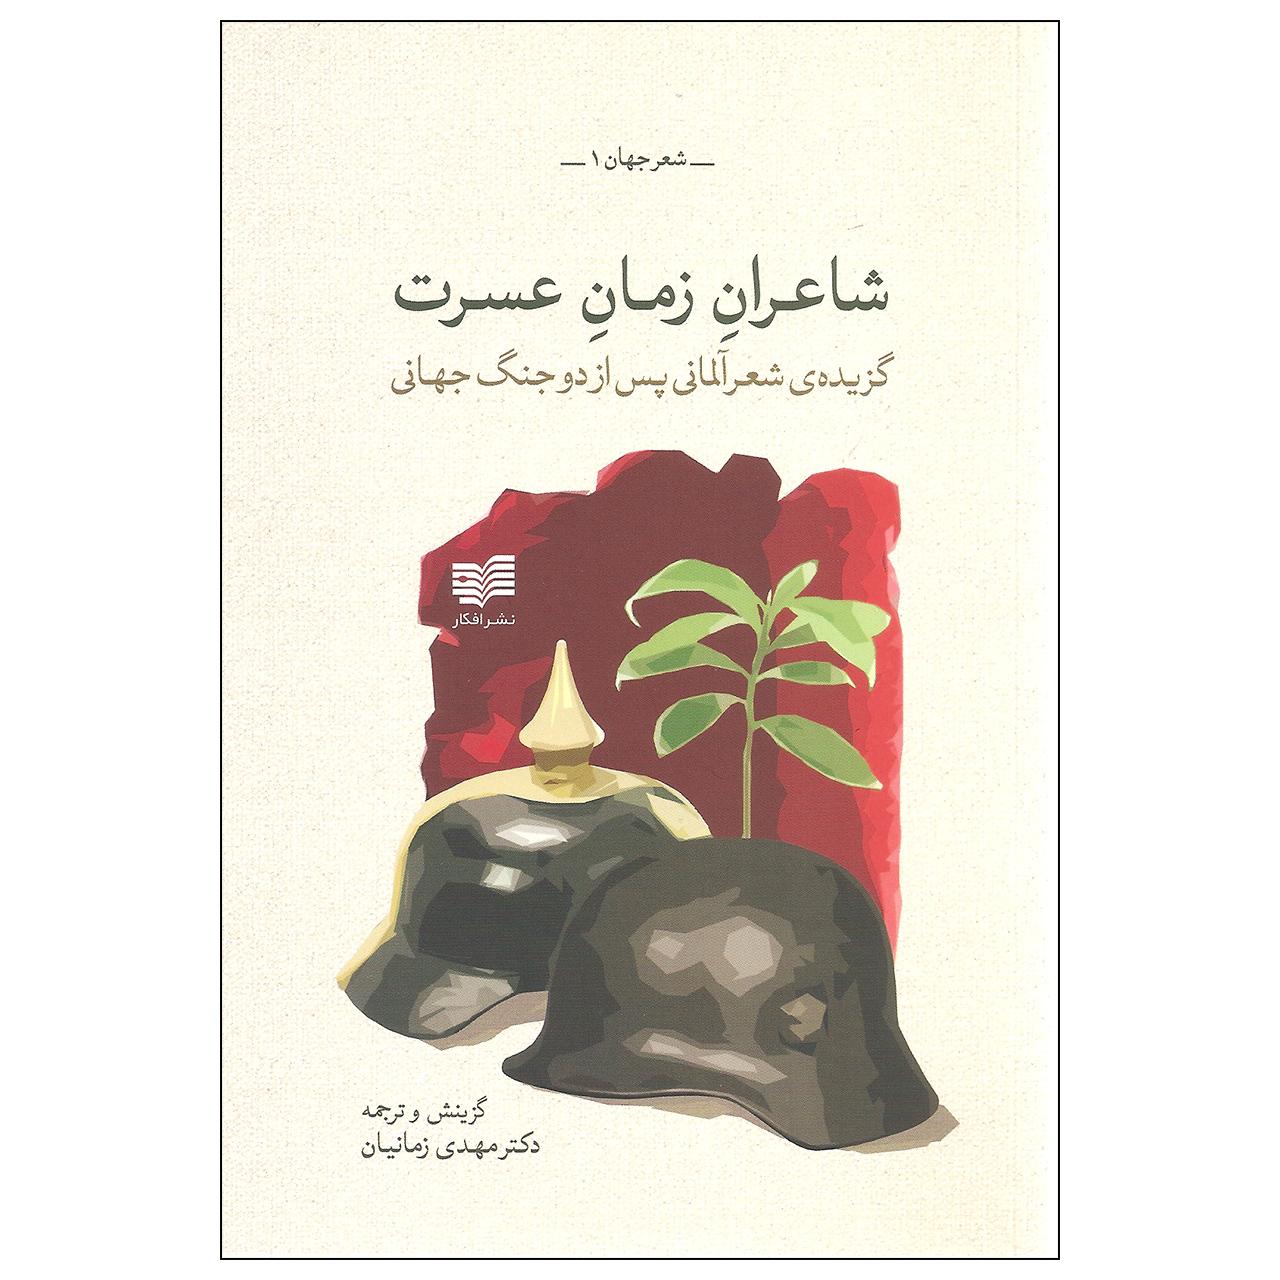 کتاب شاعران زمان عسرت اثر دکتر مهدی زمانیان نشر افکار